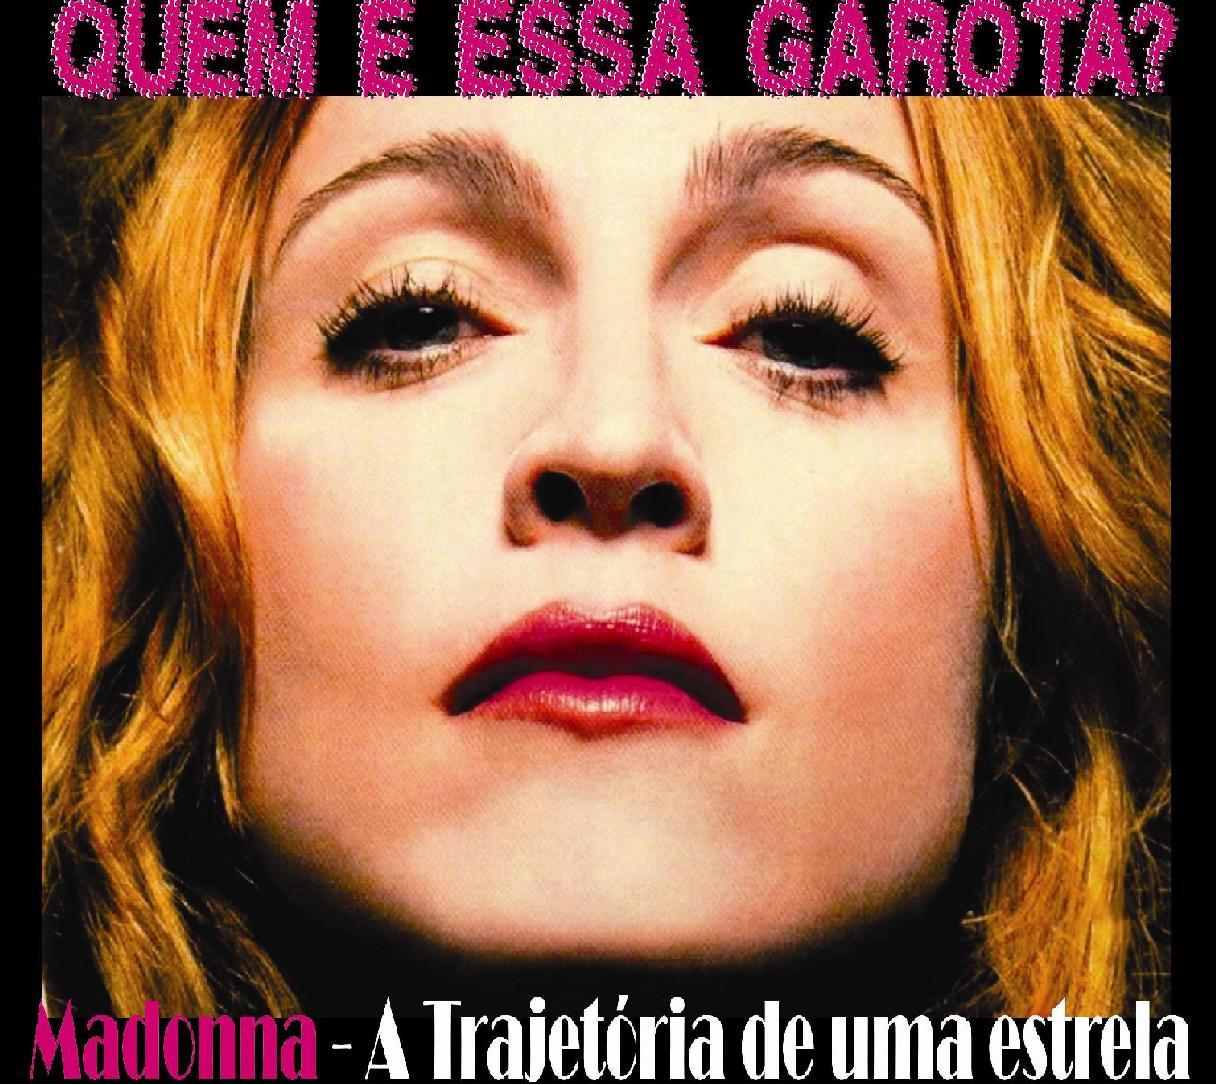 Quem é essa garota? Uma homenagem à cantora Madonna